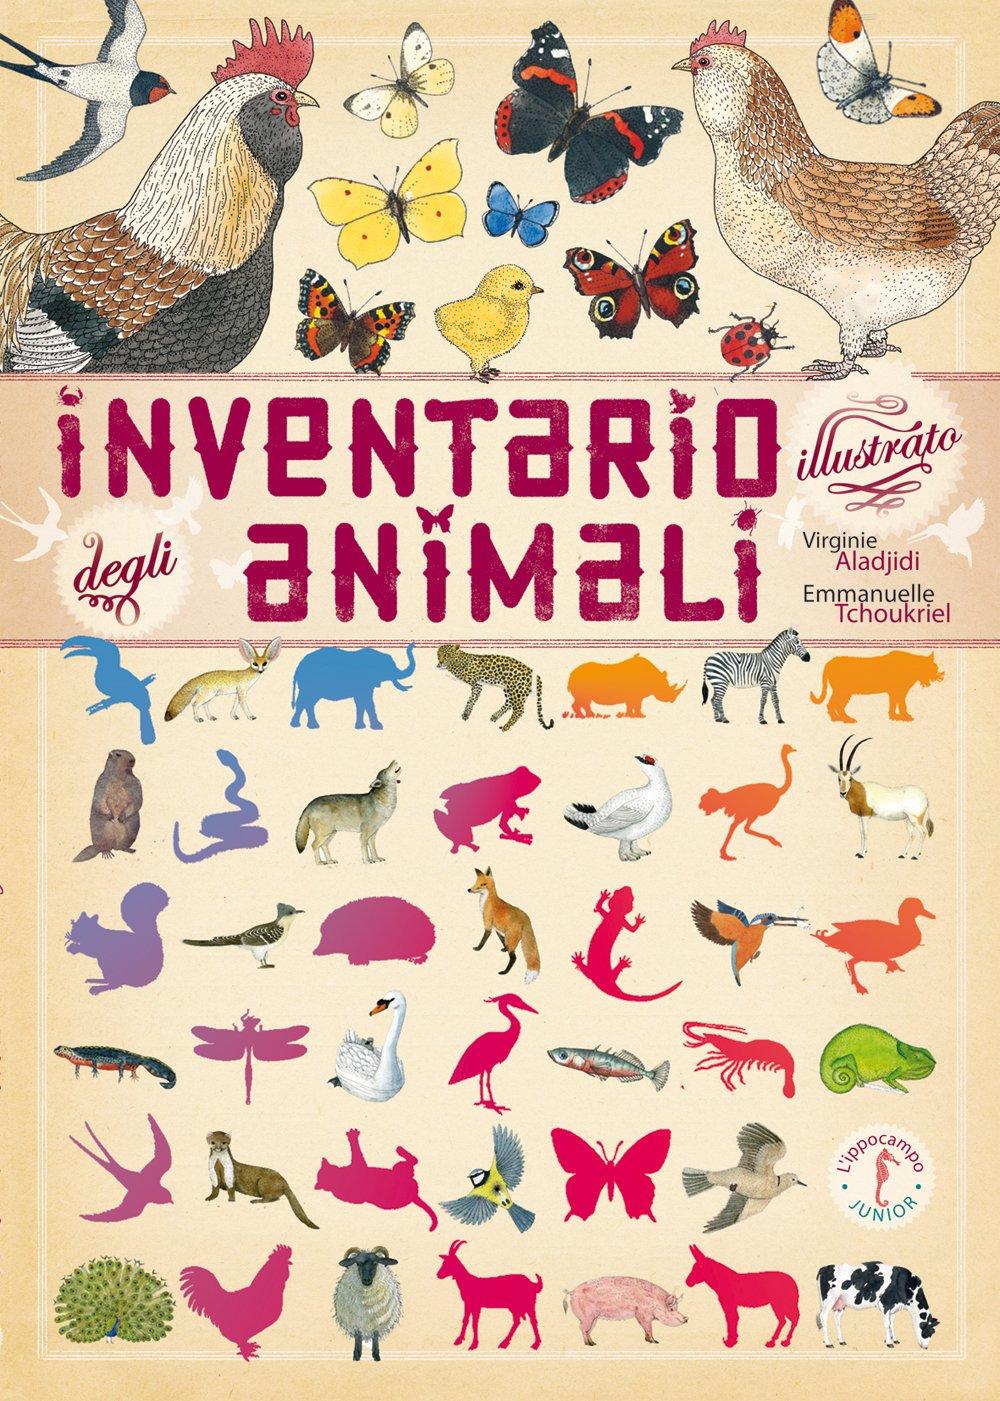 Inventario illustrato degli animali.